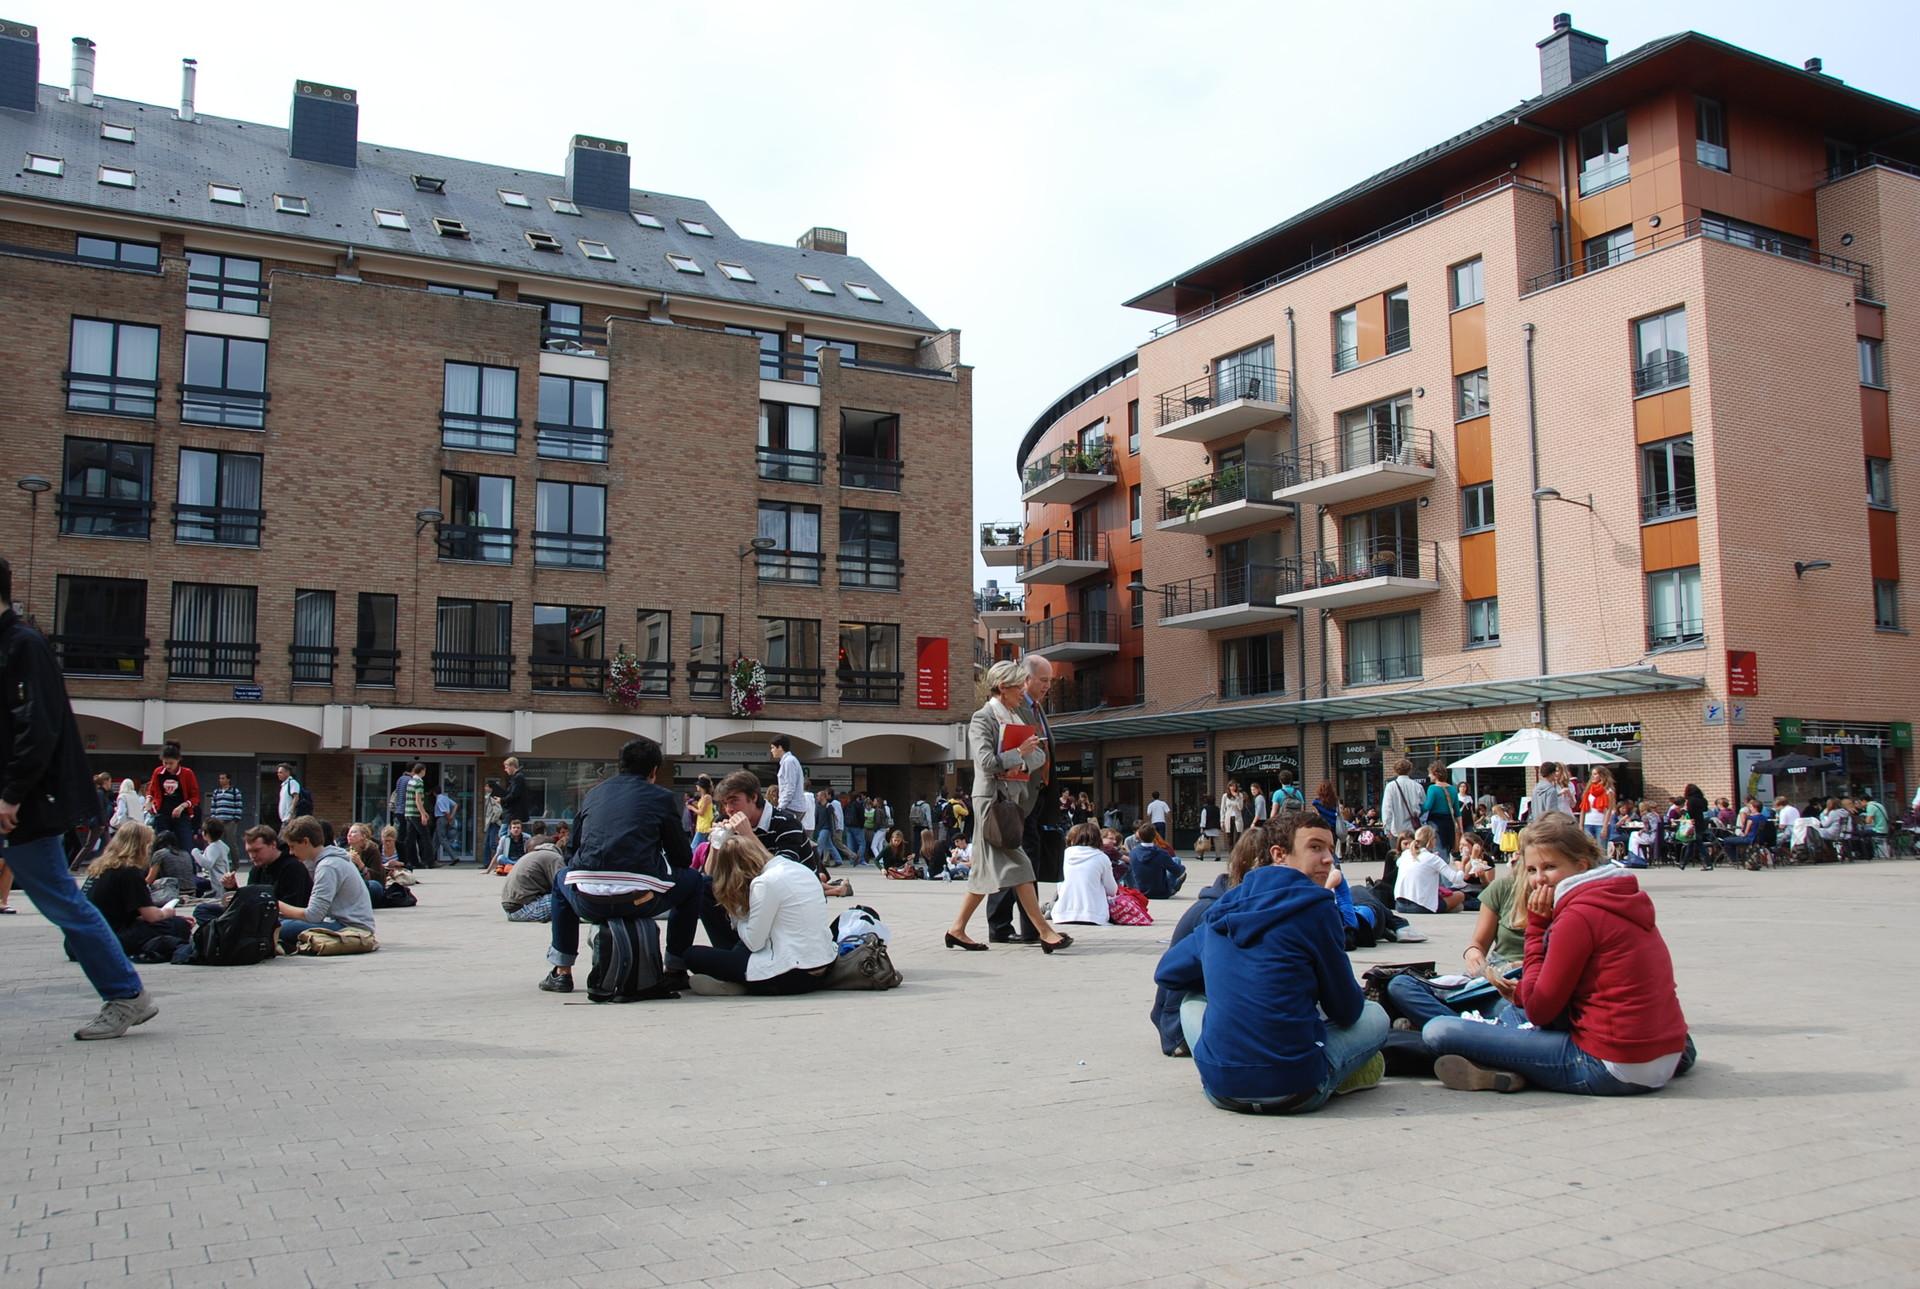 Experiência em Louvain-la-Neuve, Bélgica, por Clélie